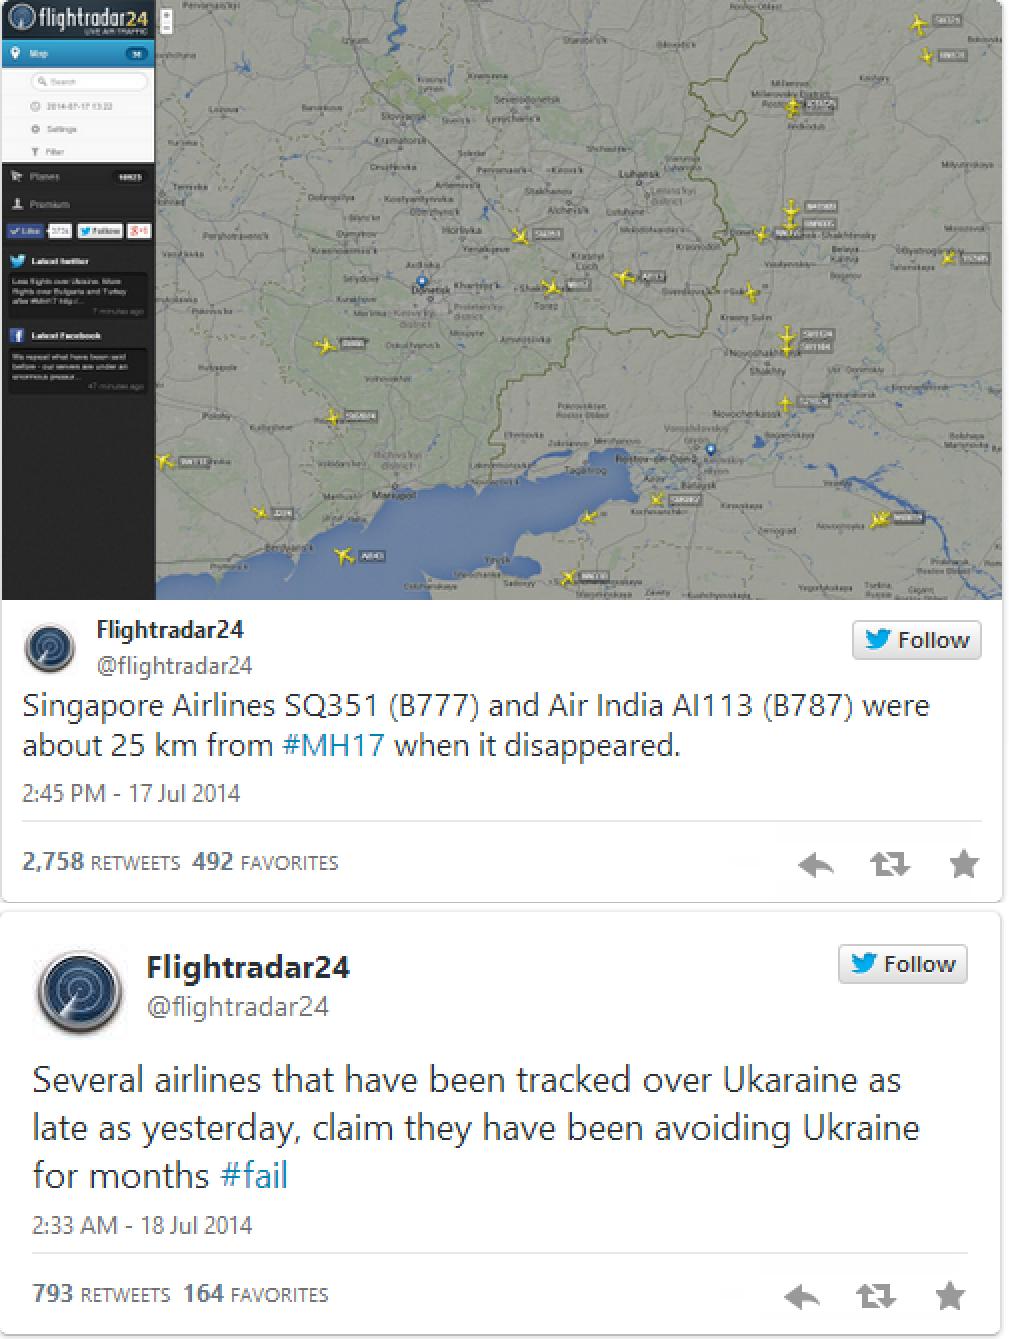 Flightradar24 website tracks airlines that flew over Ukraine ...